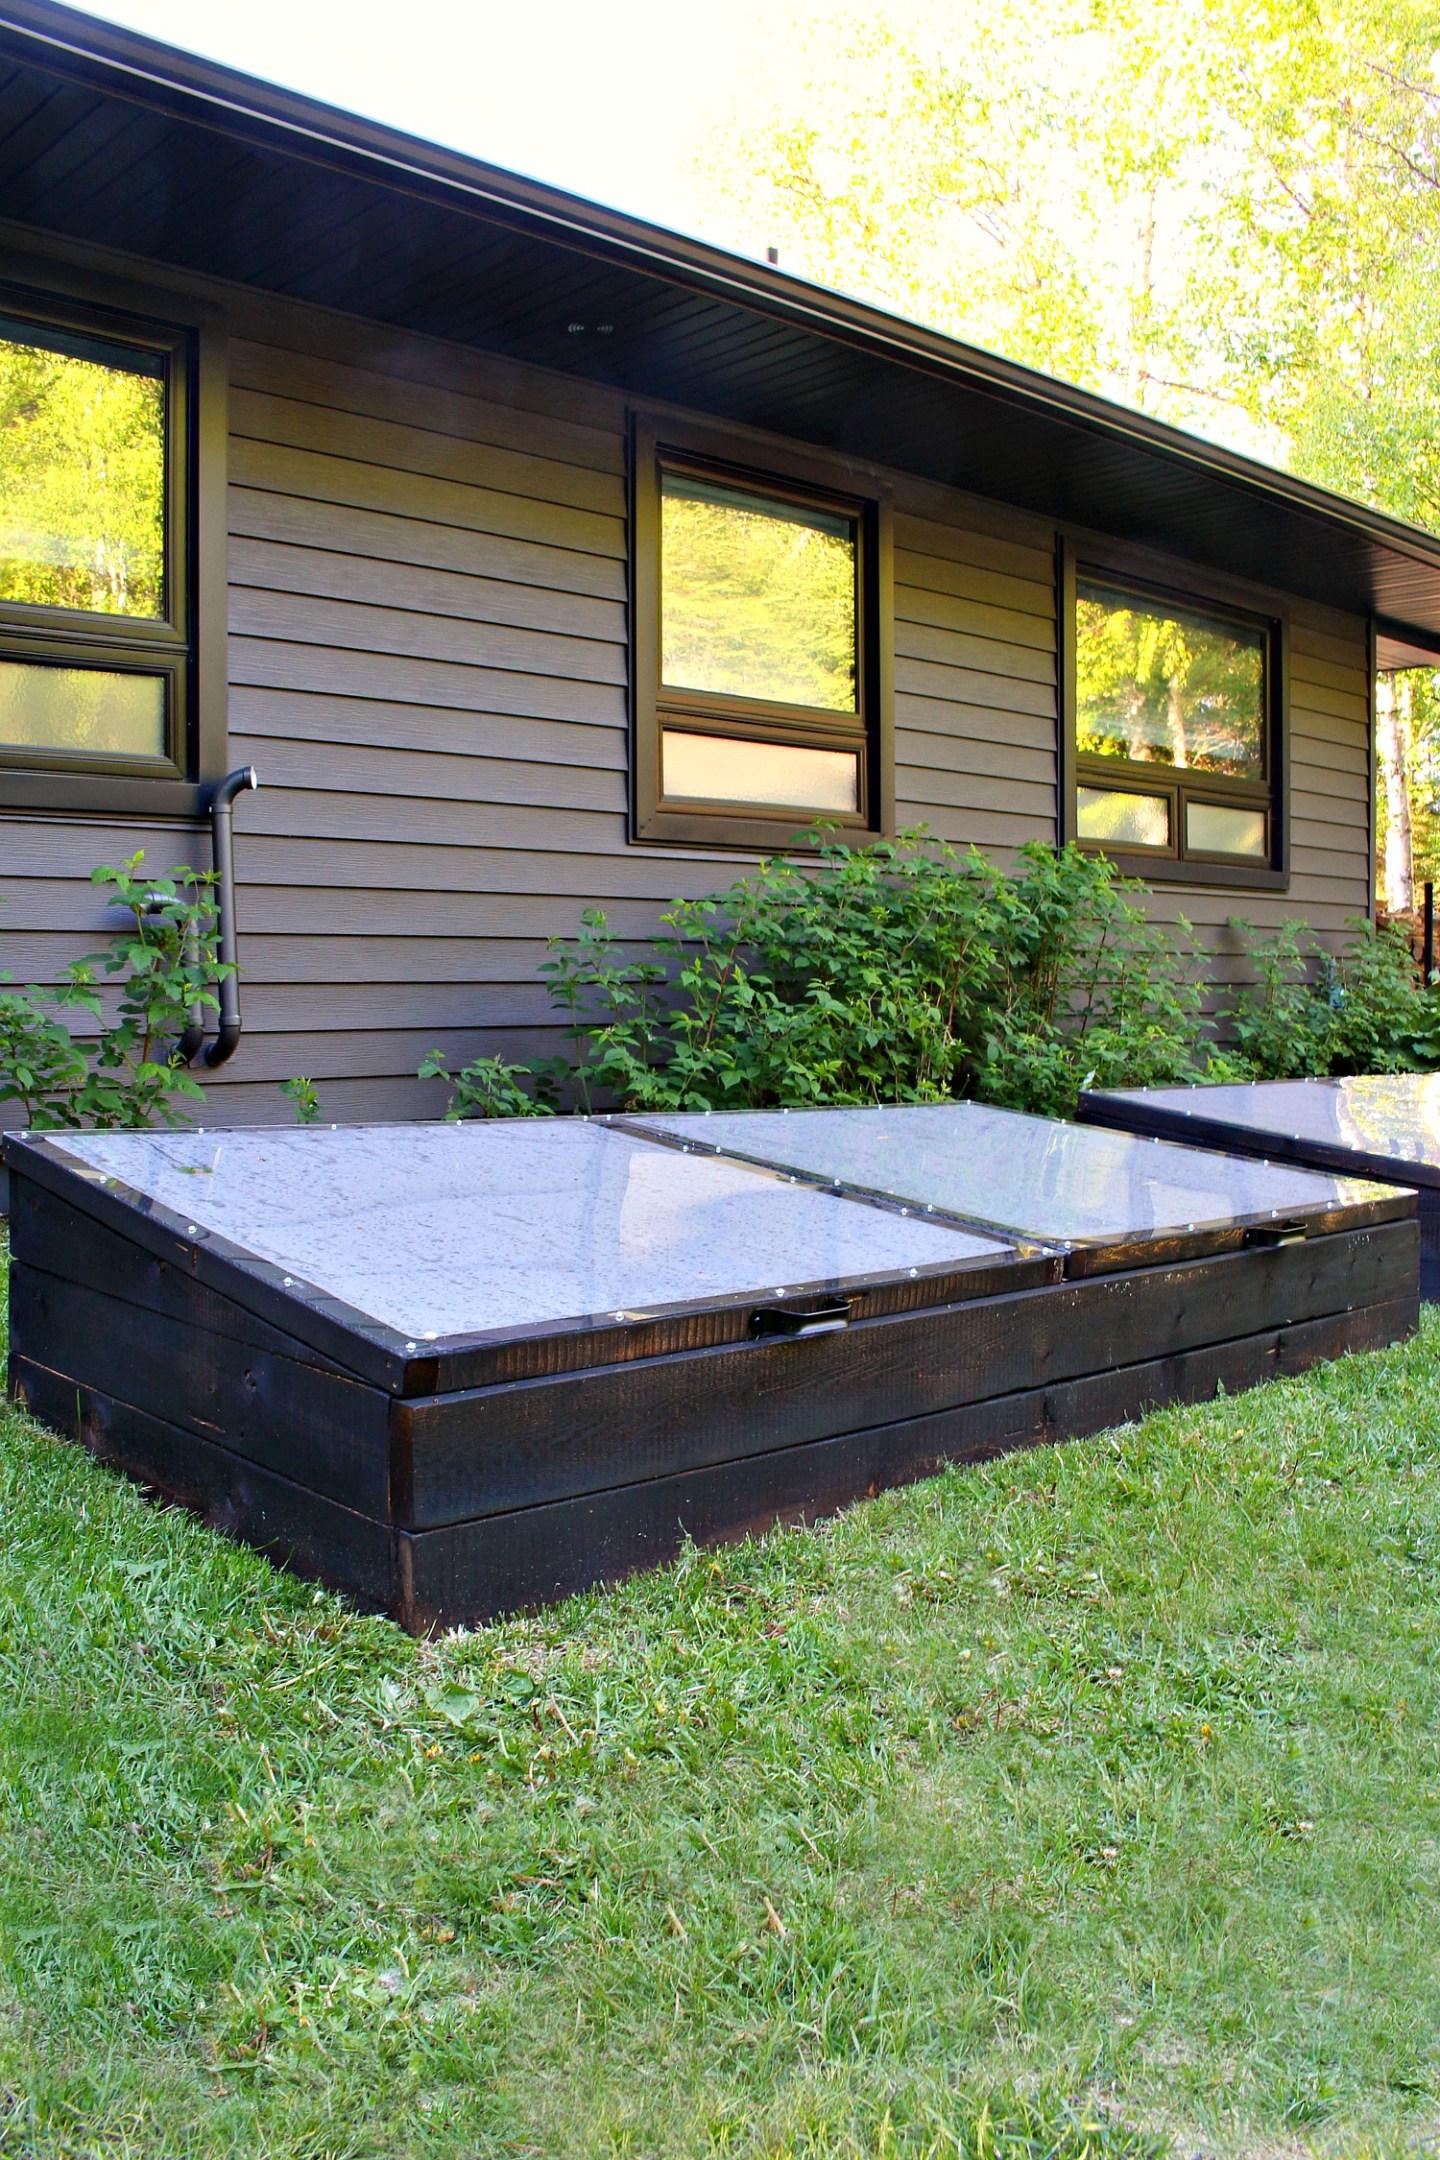 Black Cold Frame Garden Beds